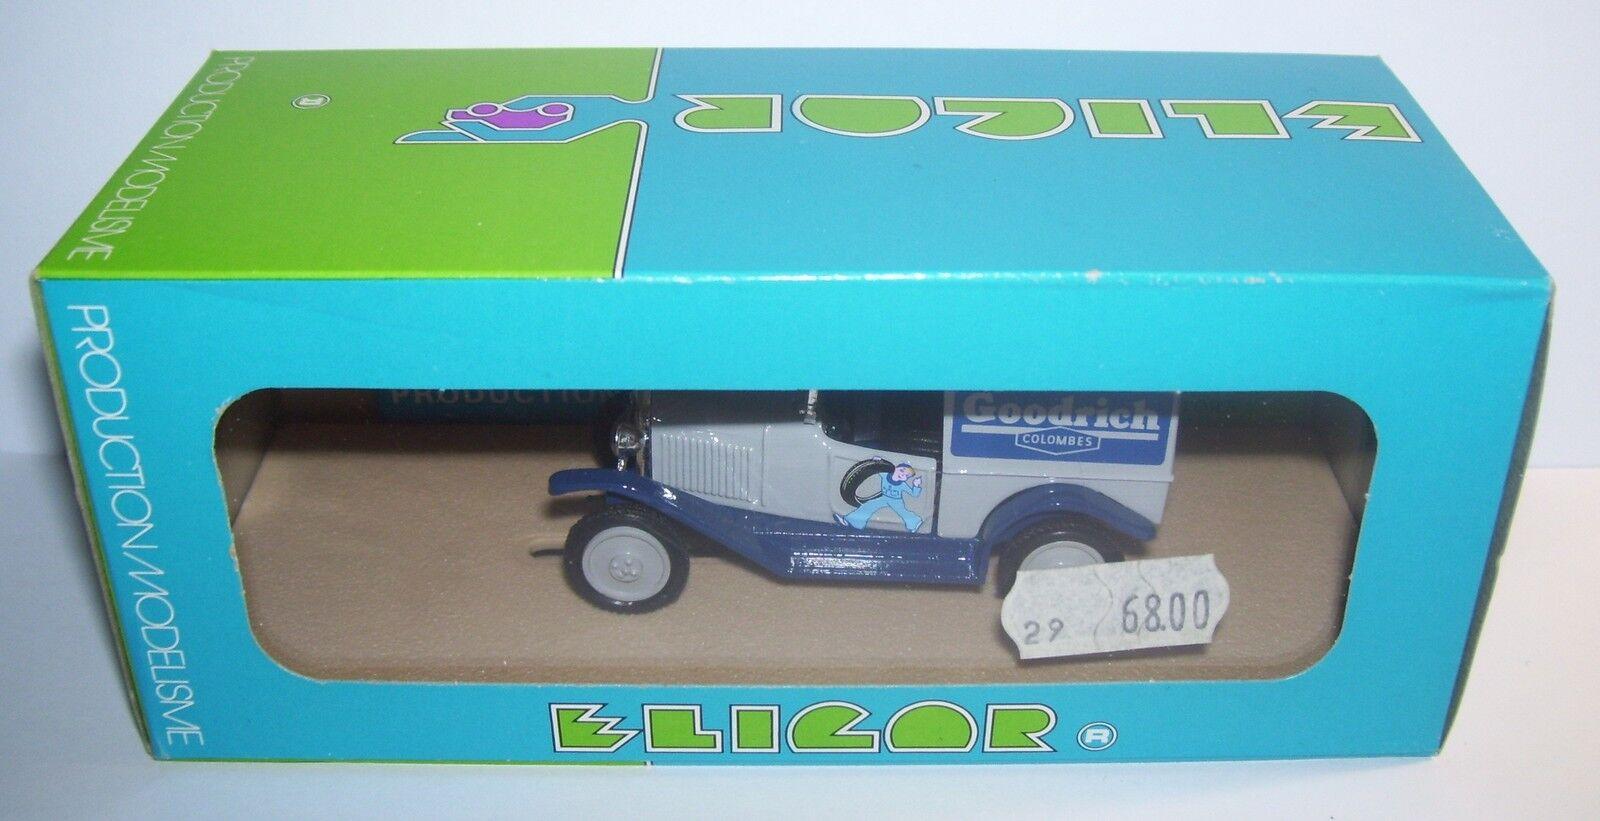 ELIGOR CITROEN 5CV 5 CV VAN 200KG 1926 REF1011 TIRES GOODRICH 1 43 BOX 1